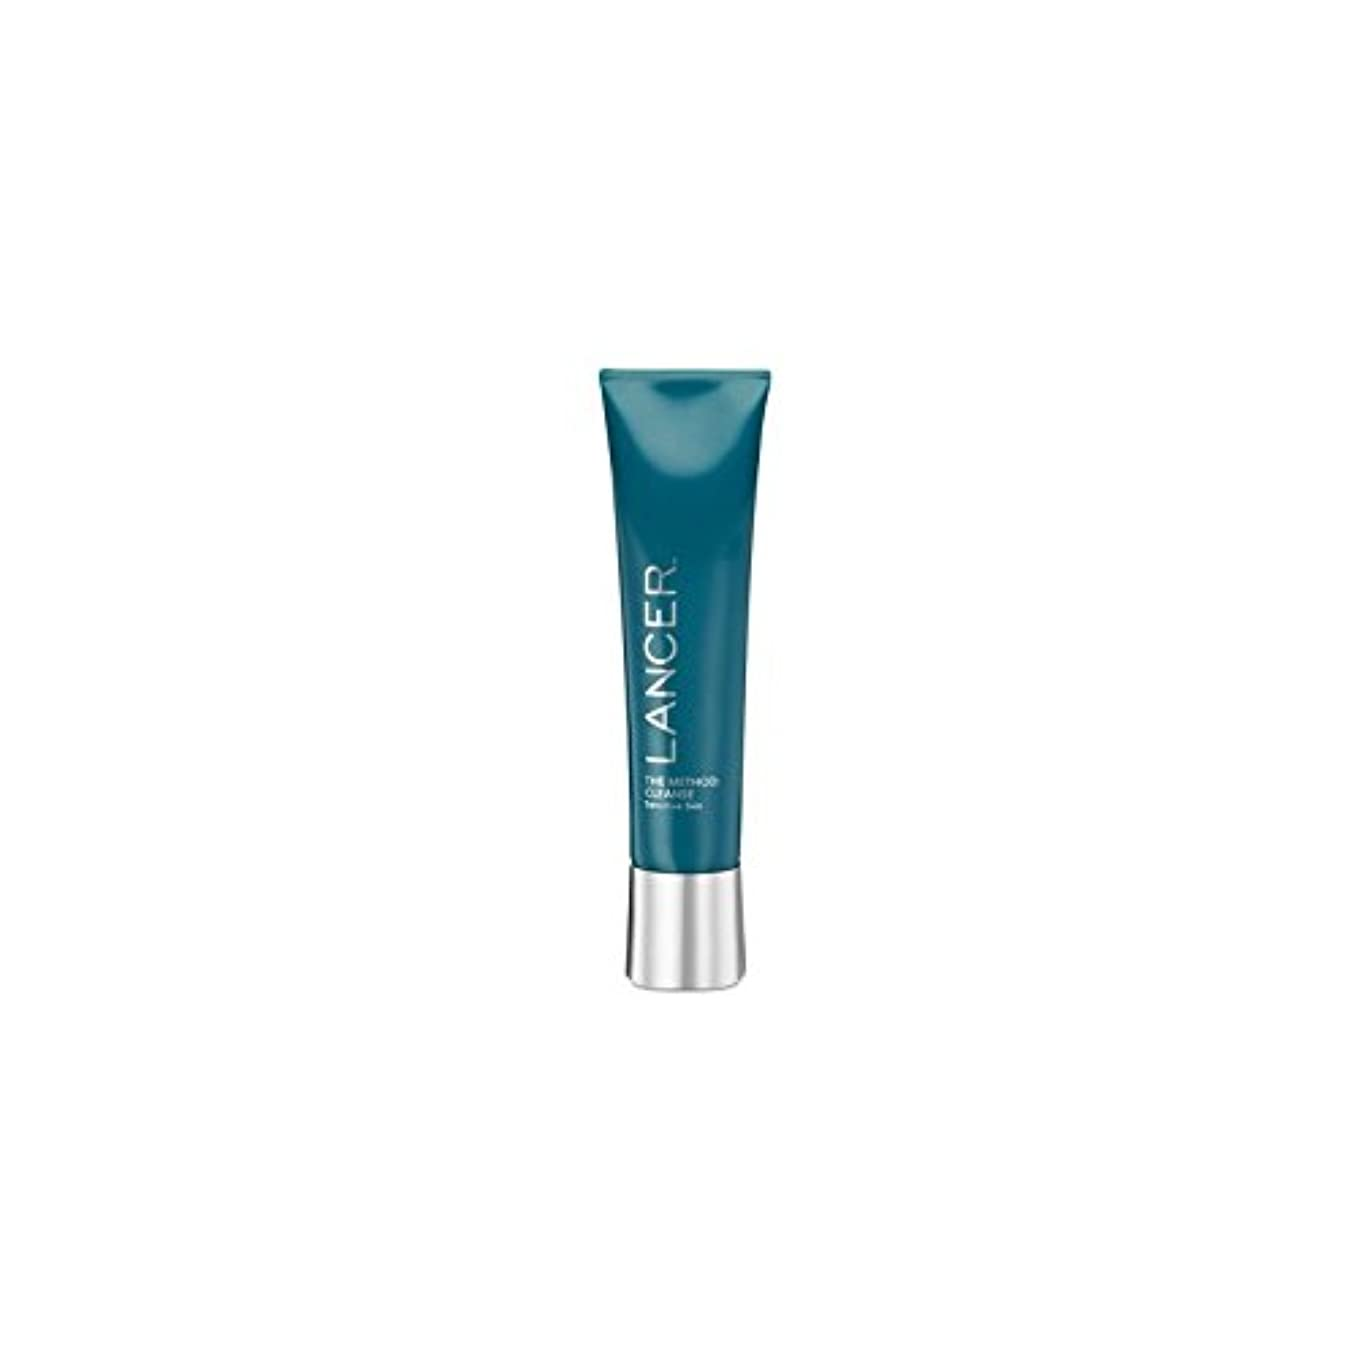 キャンディーアーネストシャクルトン感嘆Lancer Skincare The Method: Cleanser Sensitive Skin (120ml) - クレンザー敏感肌(120ミリリットル):ランサーは、メソッドをスキンケア [並行輸入品]